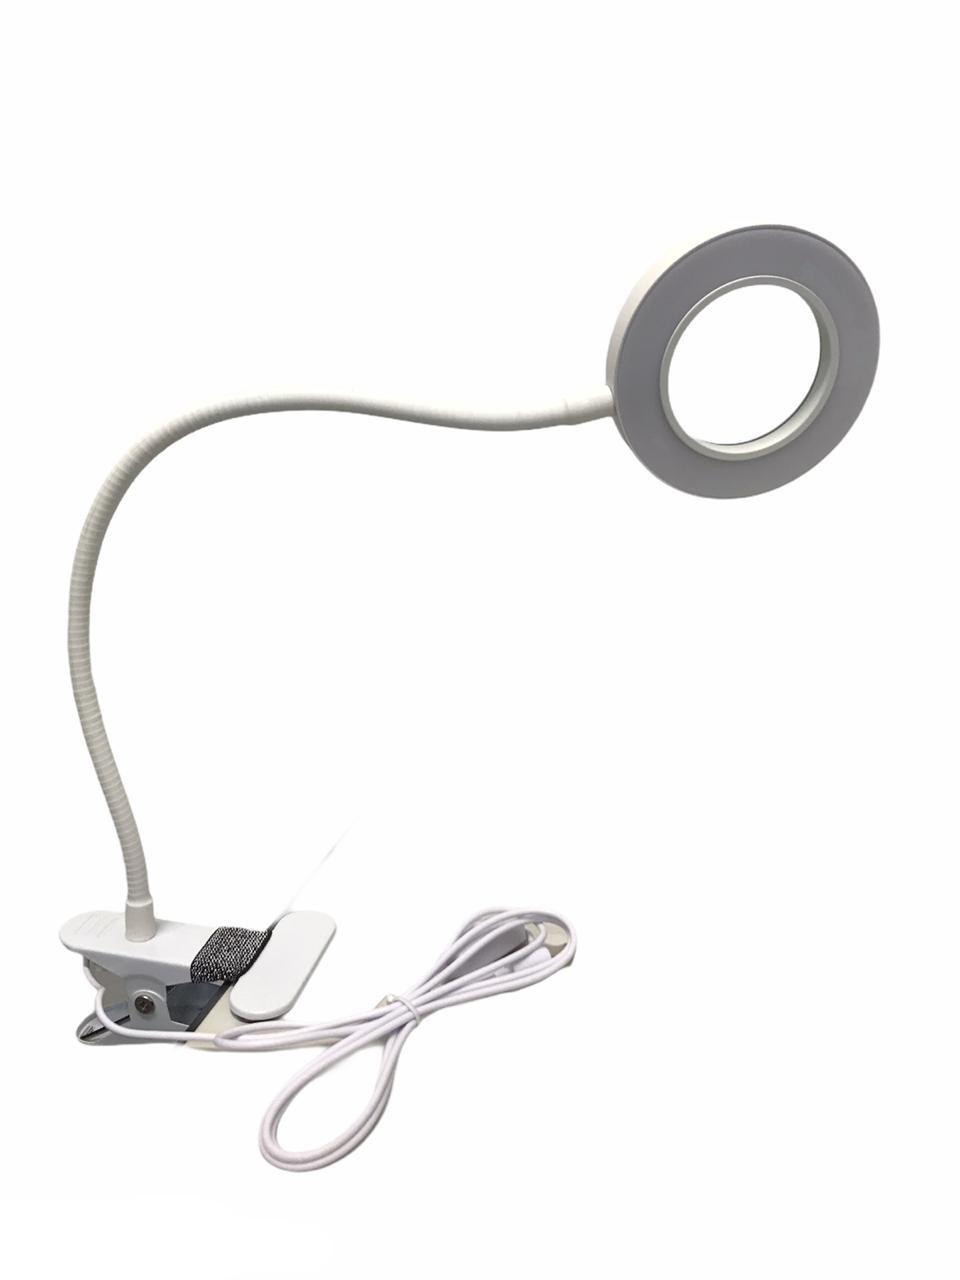 Lupa Aumento Luminária Articulada Leds Estética M013 Branca